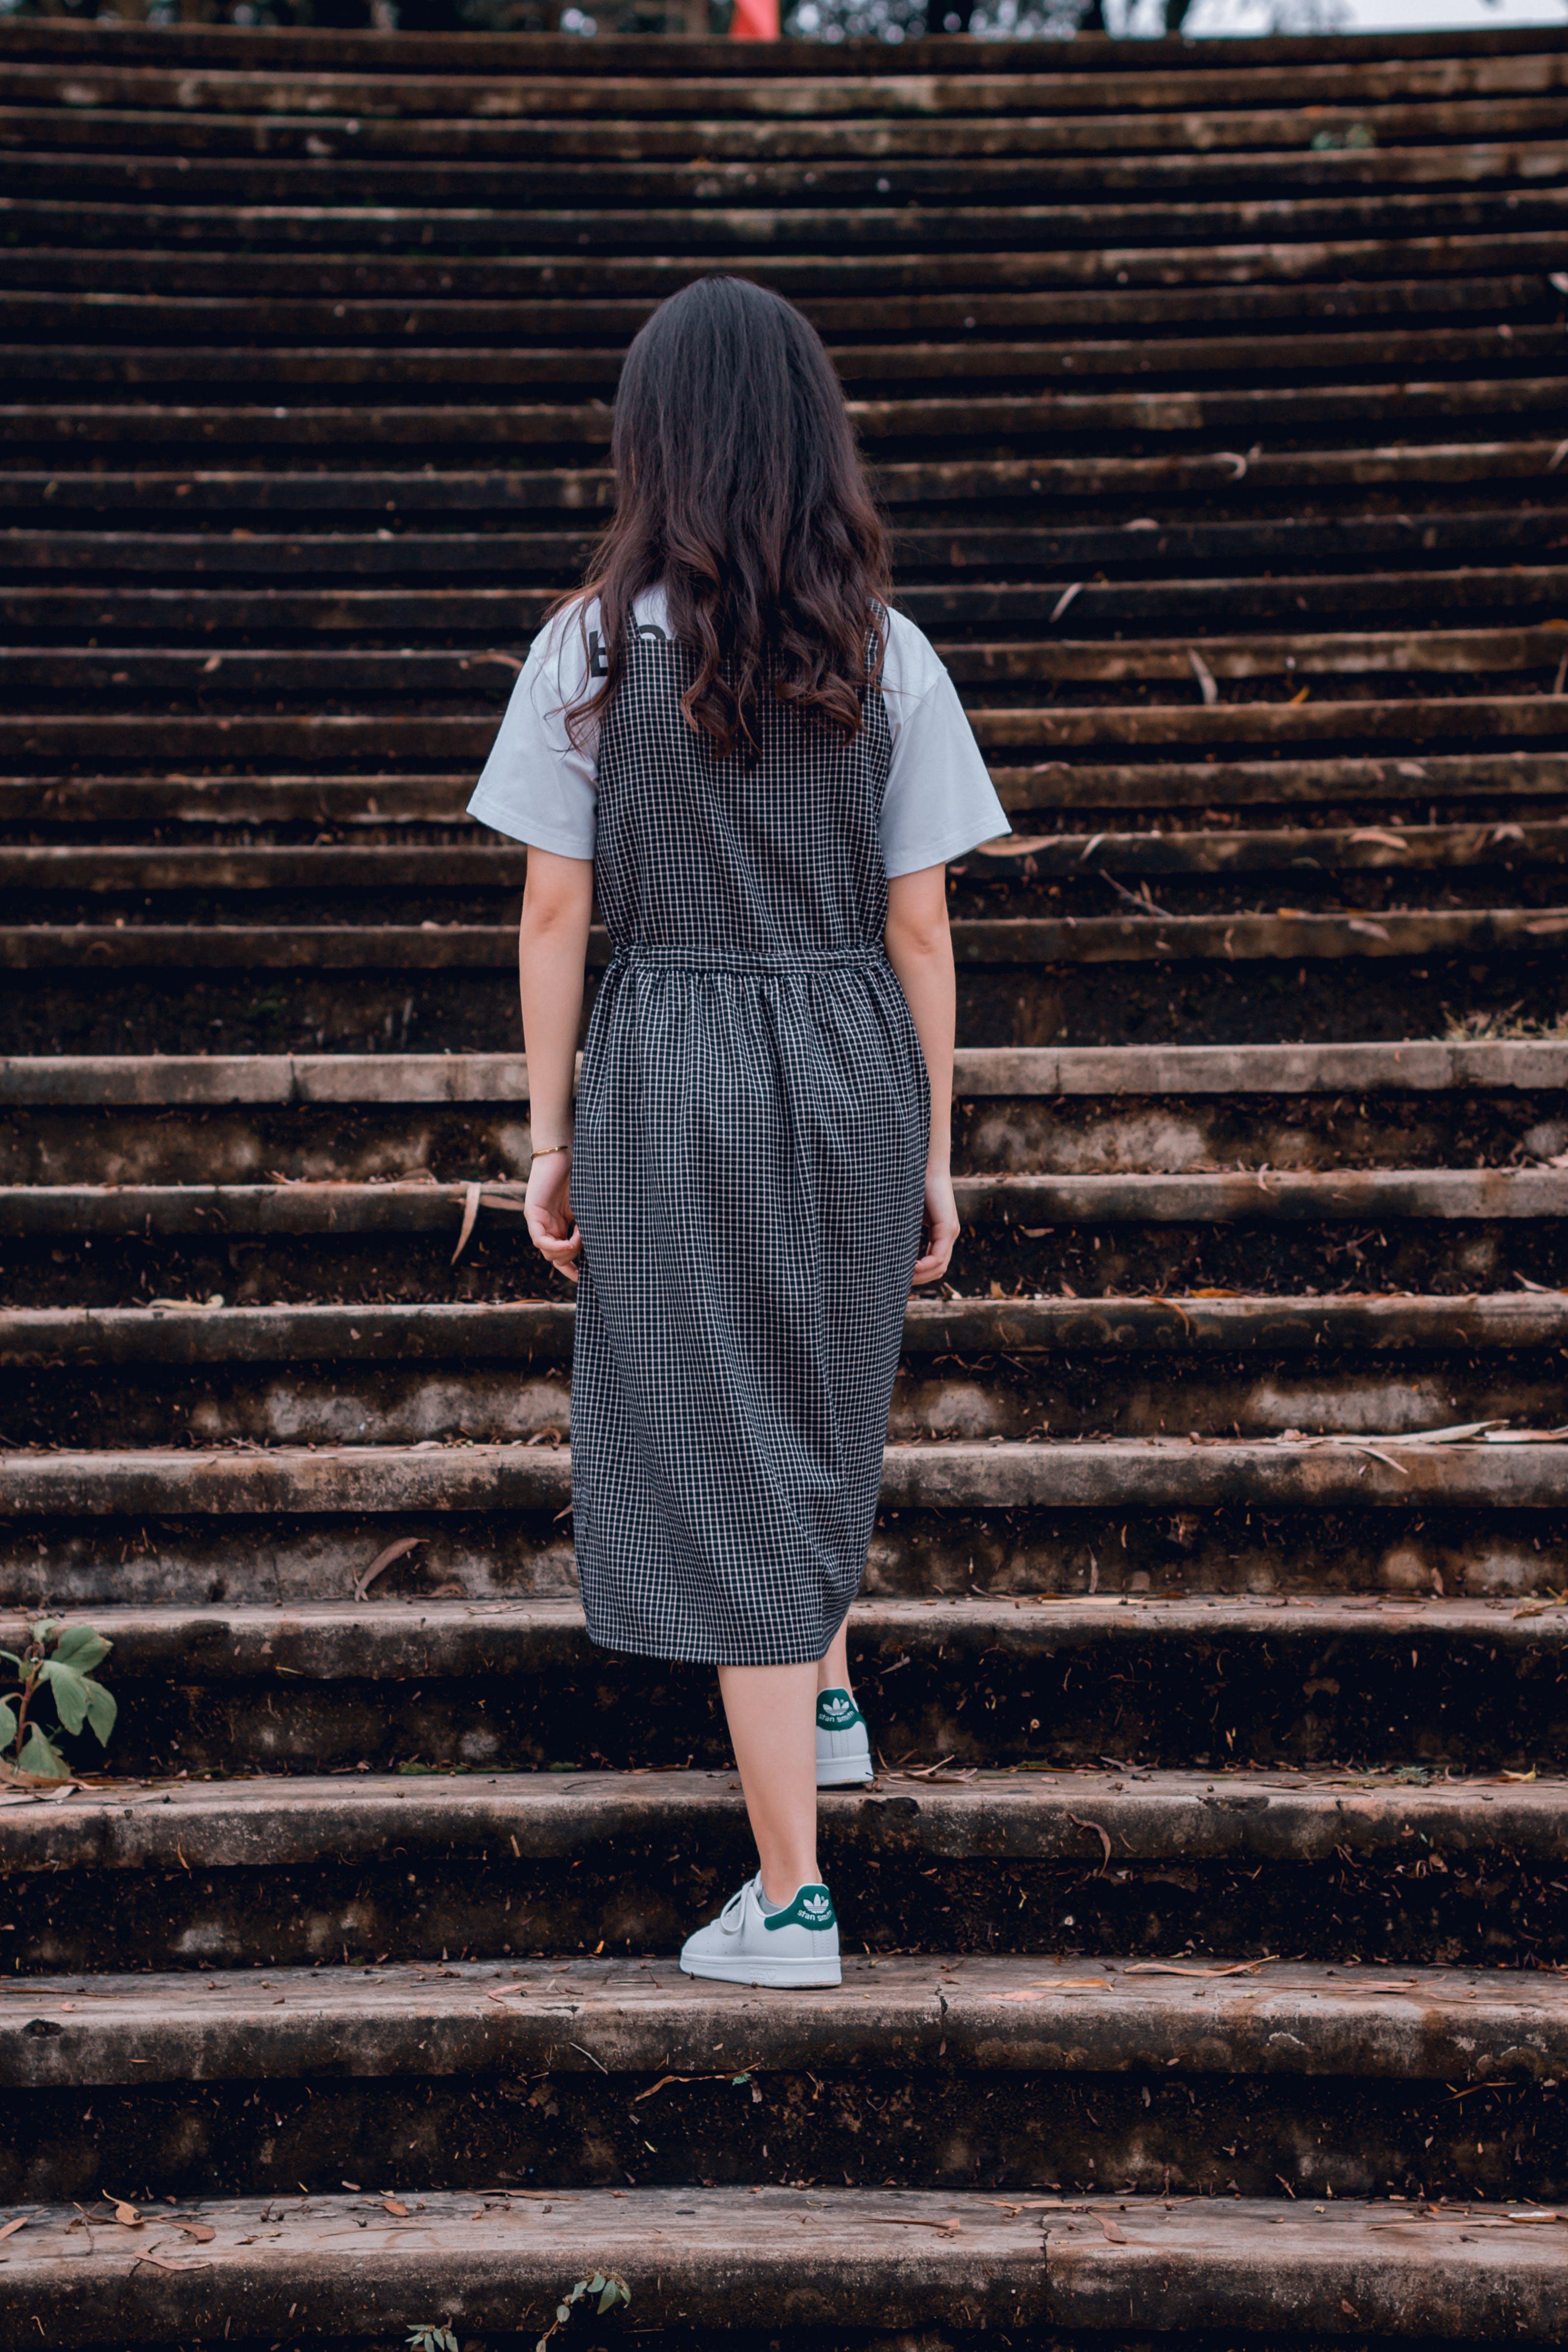 Ingyenes stockfotó ázsiai lány, beton, divat, fiatal témában